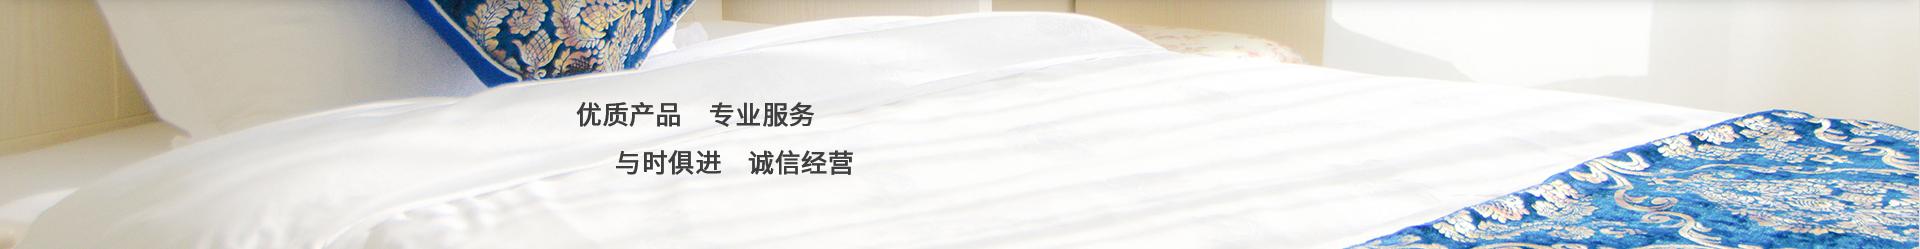 banner-img4